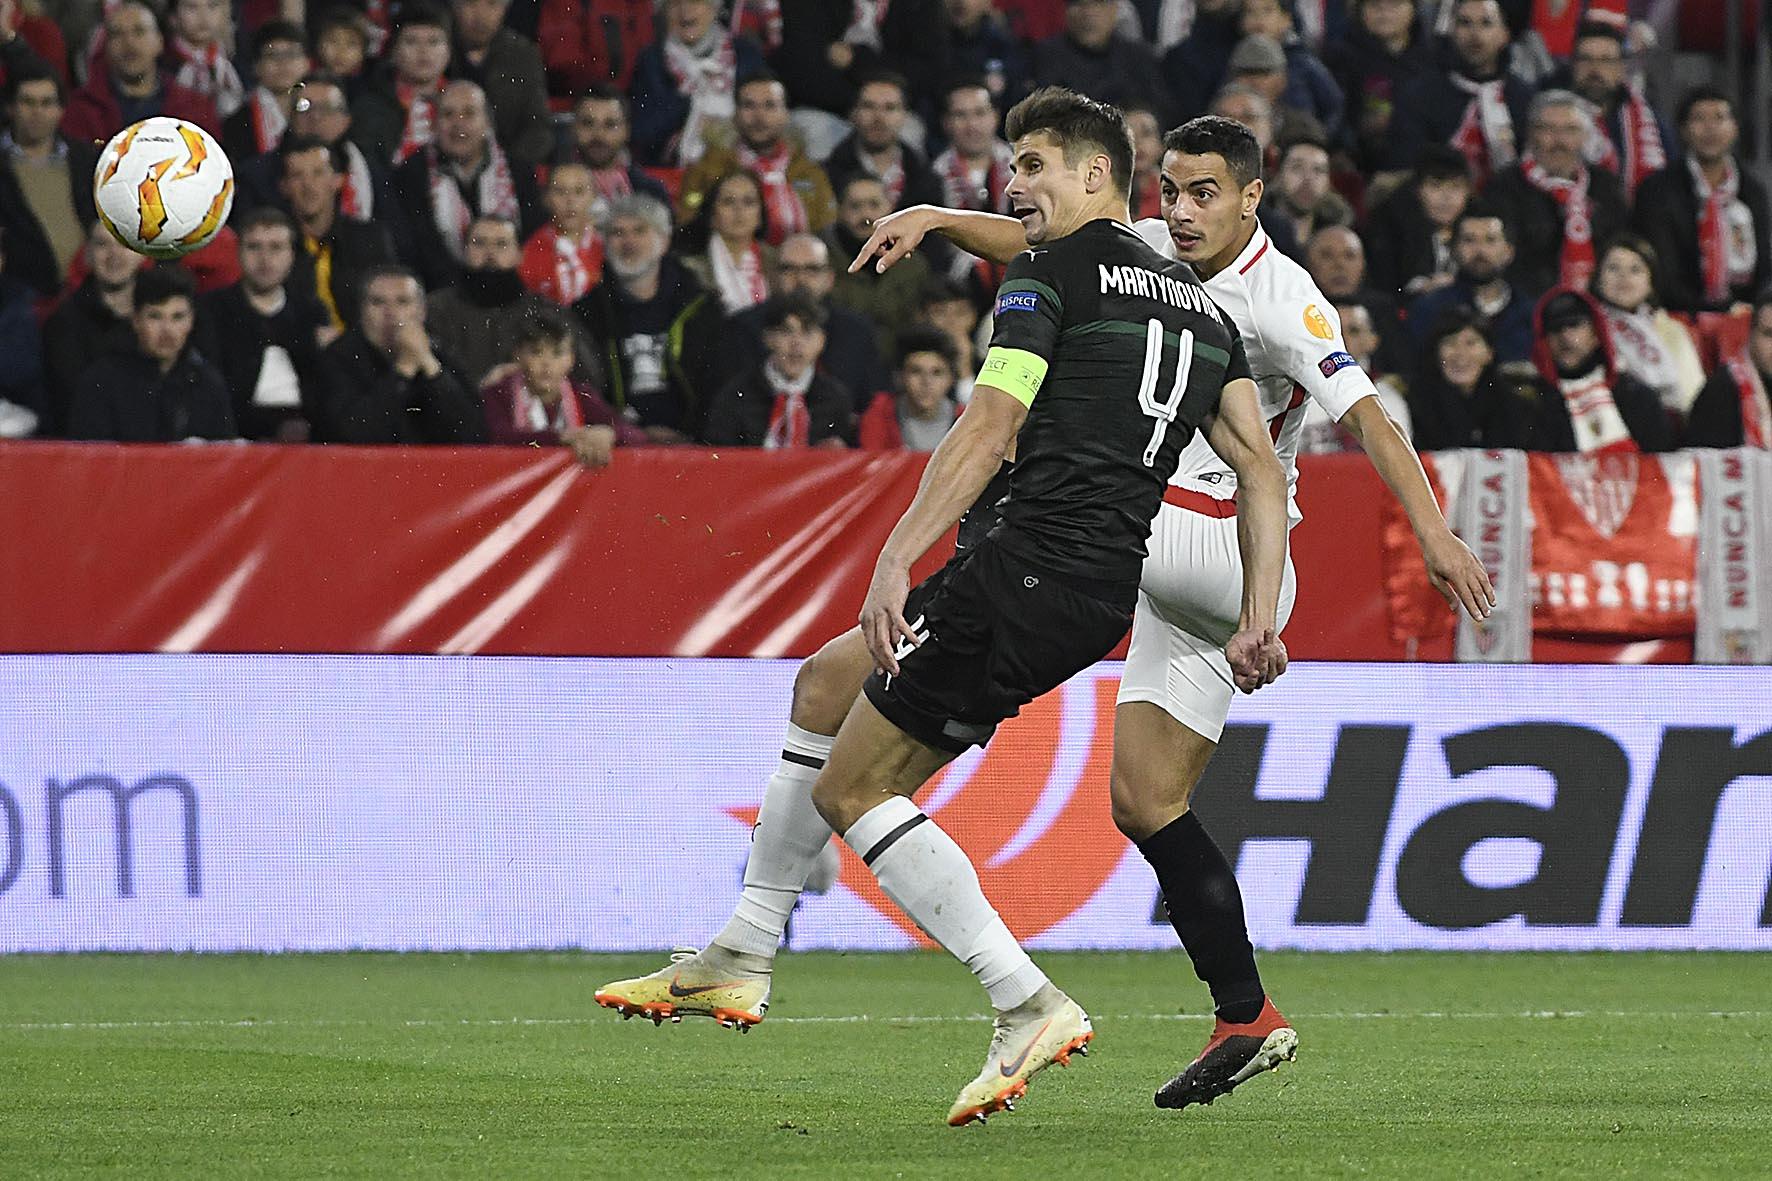 «Спартак» потерпел поражение в матче с «Вильярреалом», «Краснодар» прошел в плей-офф Лиги Европы